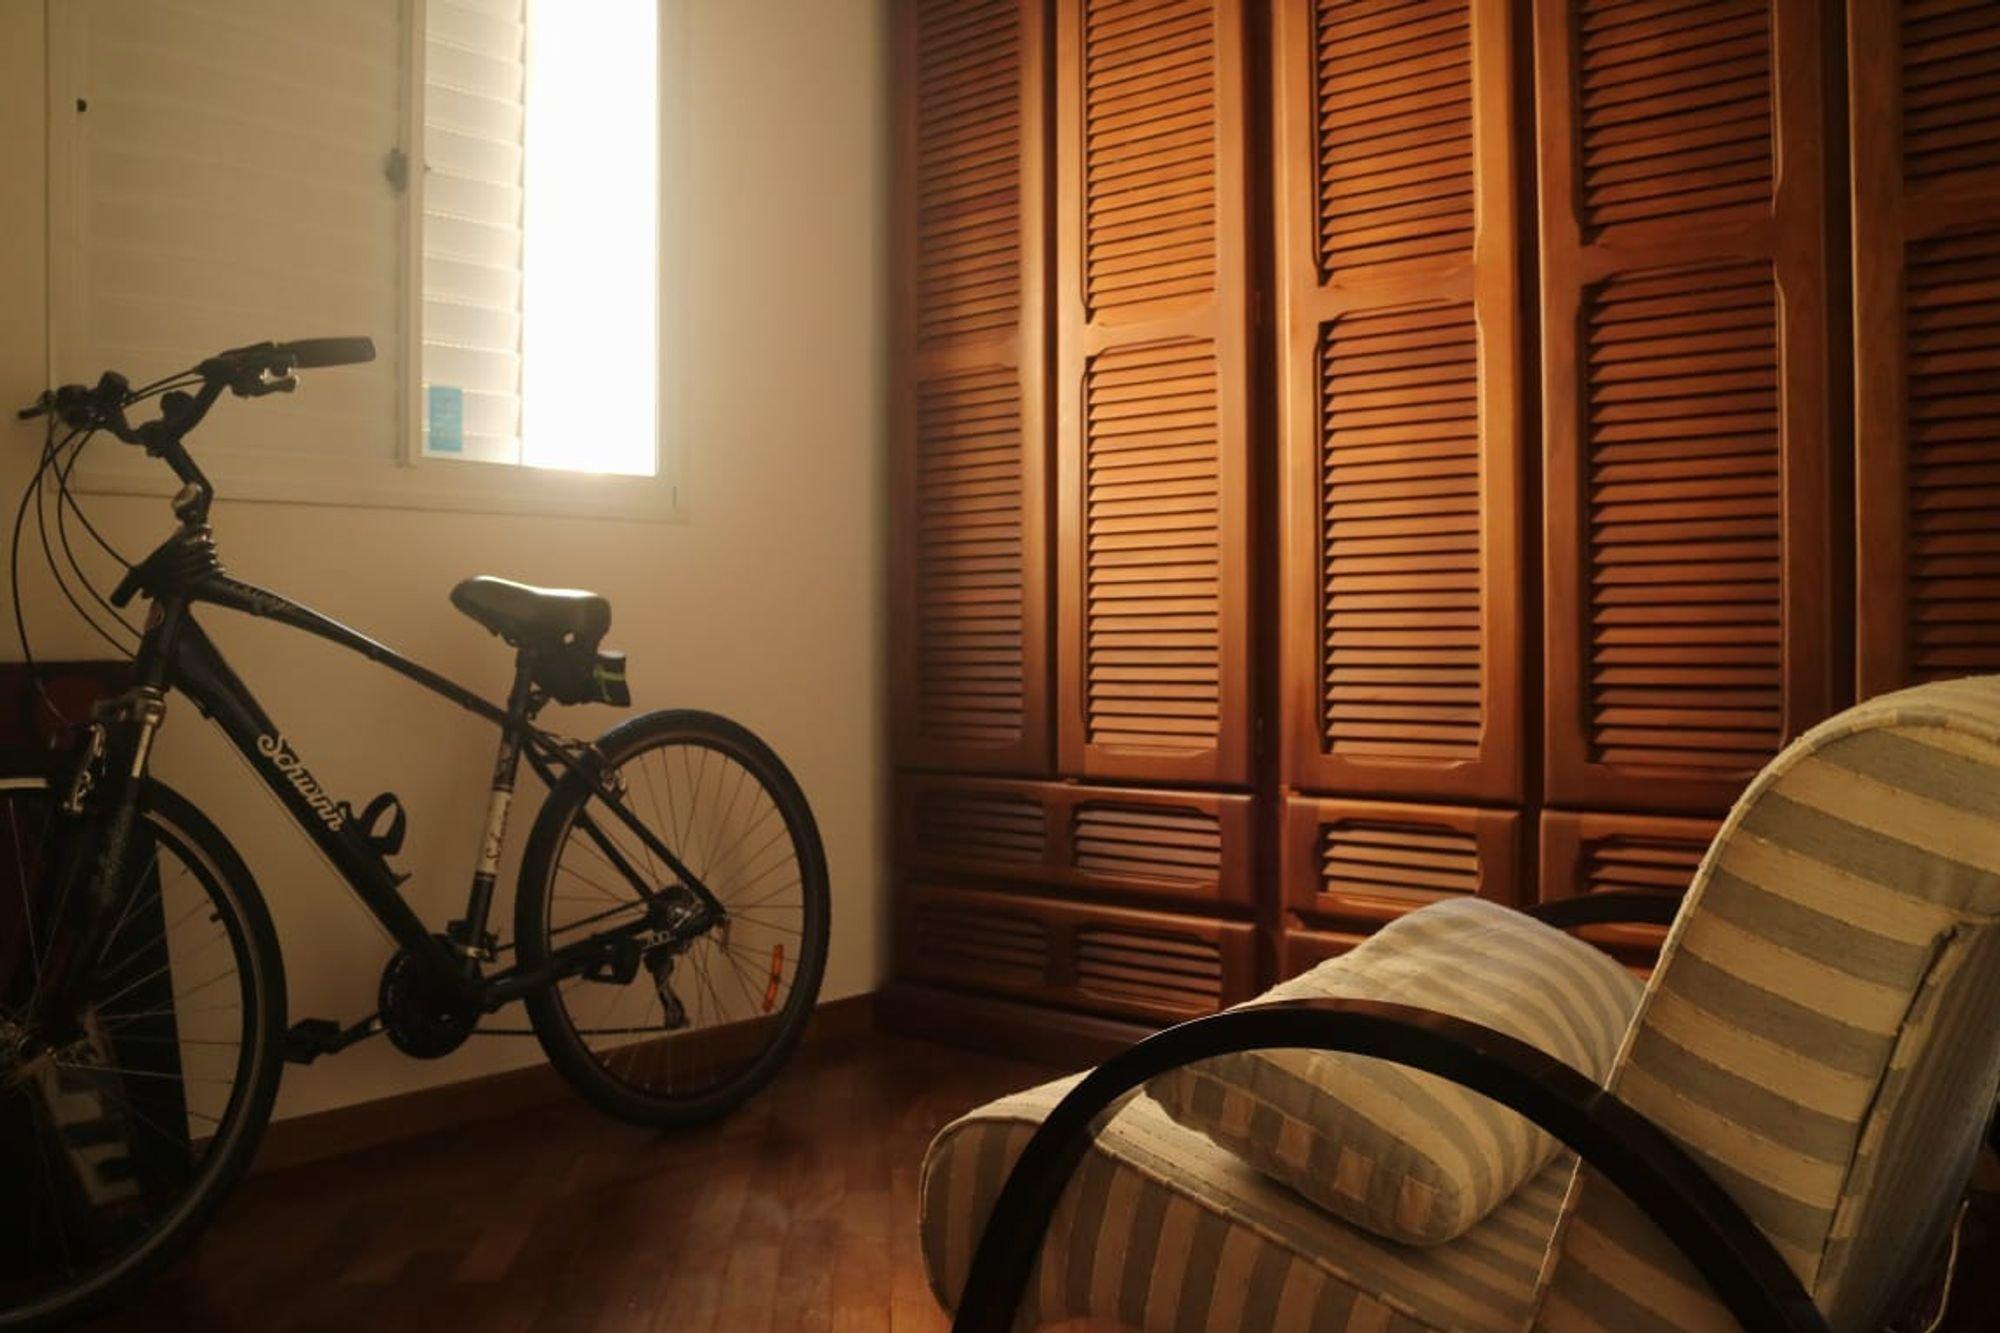 Nesta foto há bicicleta, cadeira